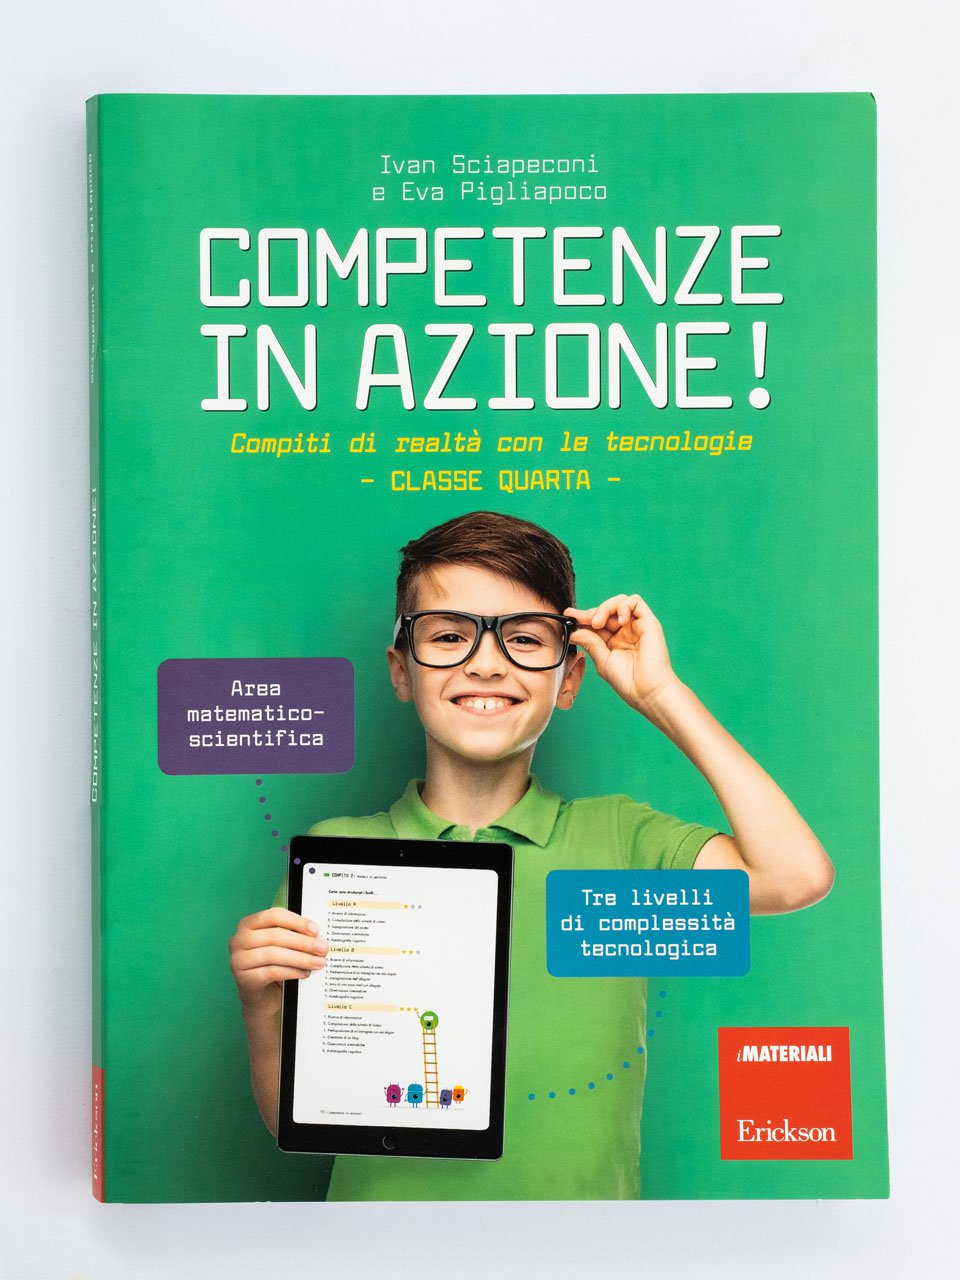 Competenze in azione! - Classe quarta - La competenza digitale nella scuola - Libri - Erickson